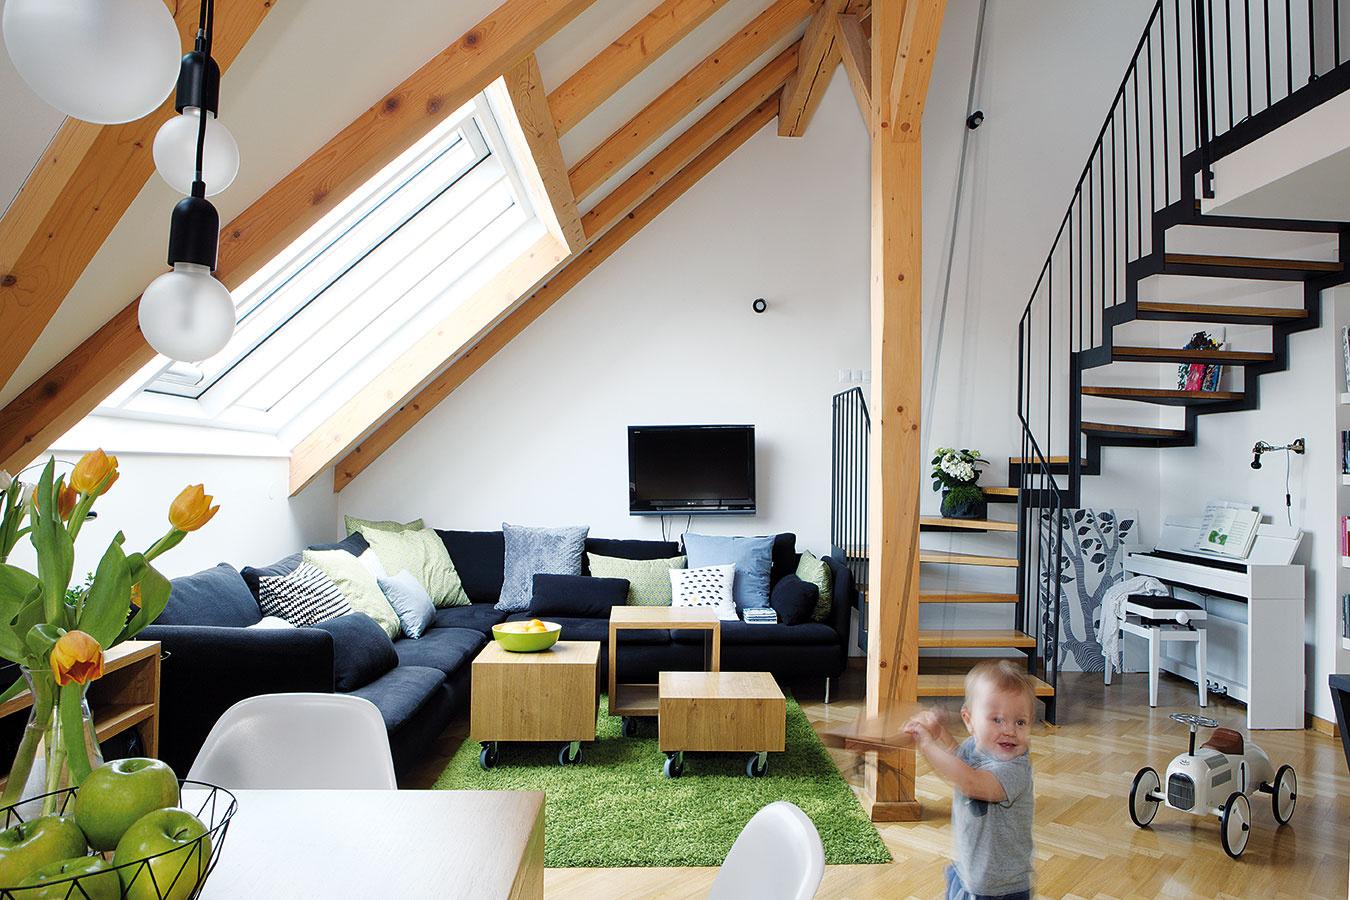 Pod strešnými oknami vdennej časti je umiestnená rohová sedacia súprava doplnená trojicou tvarovo jednoduchých stolíkov rôznej výšky na kolieskach. Doplnkovou farbou je svieža zelená, ktorá sa objavuje na vankúšoch aj na koberci svyšším vlasom.